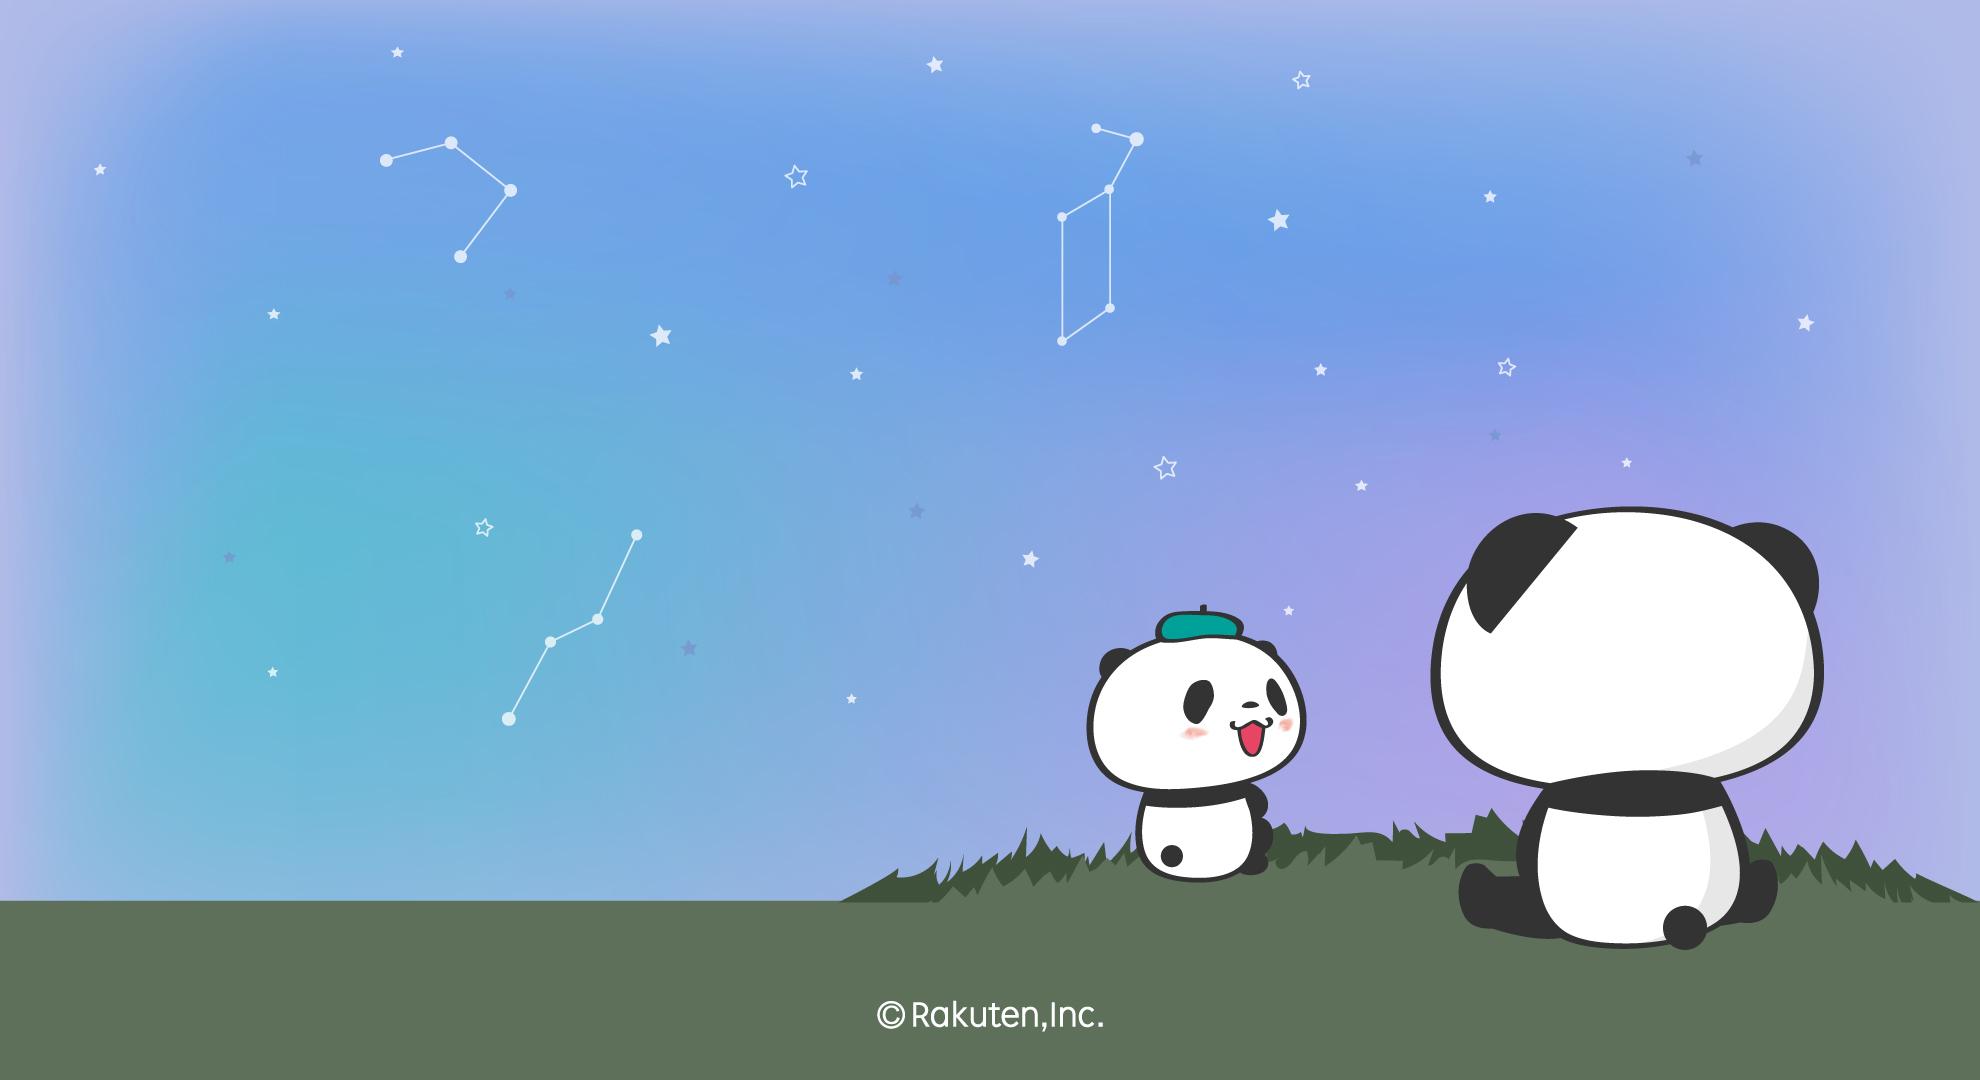 お買いものパンダ オフィシャルサイト ダウンロードコンテンツ